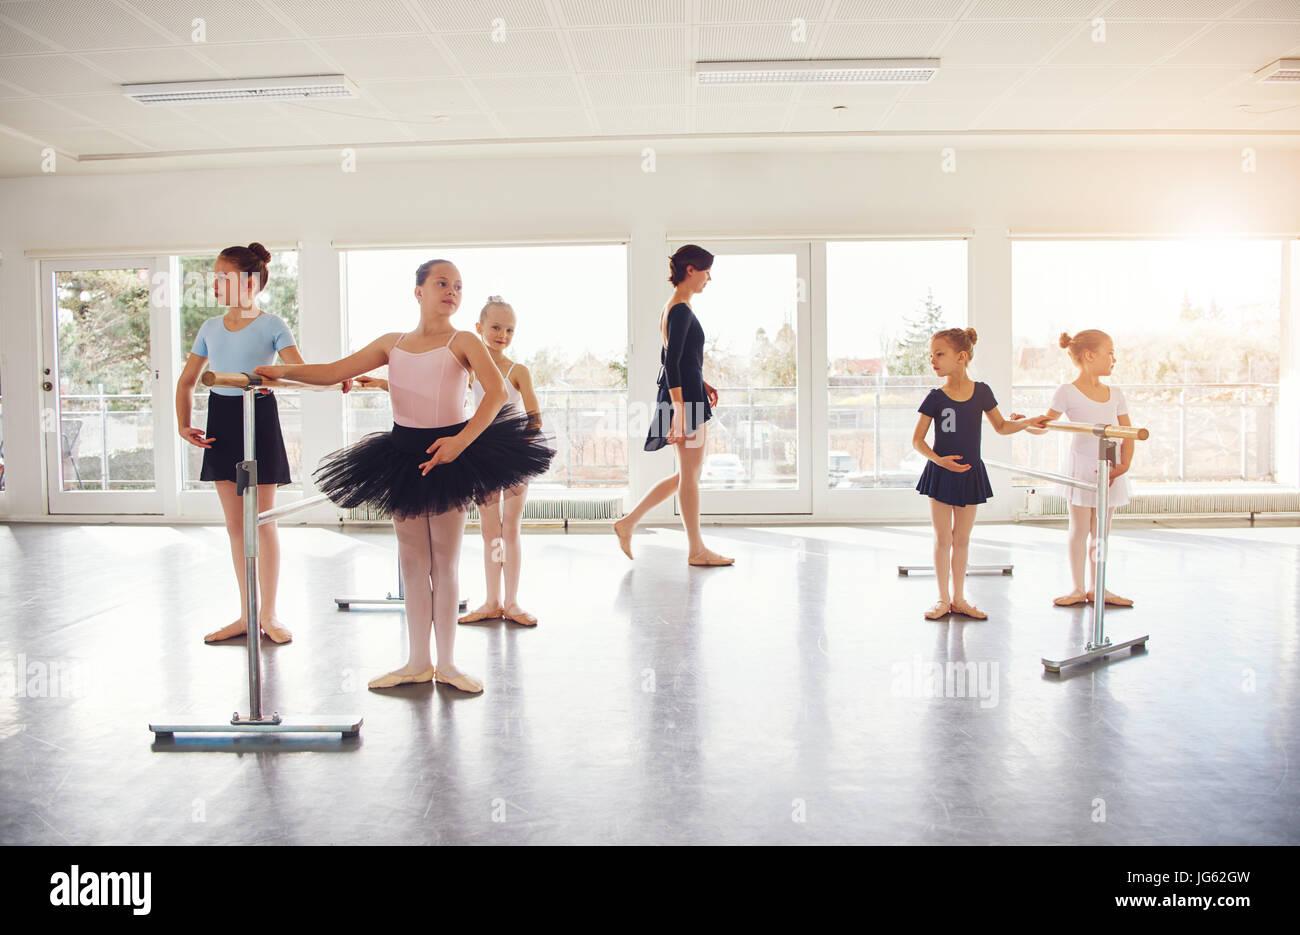 Junge Mädchen Ballett stehen und Bewegung in Ballett-Klasse. Stockbild